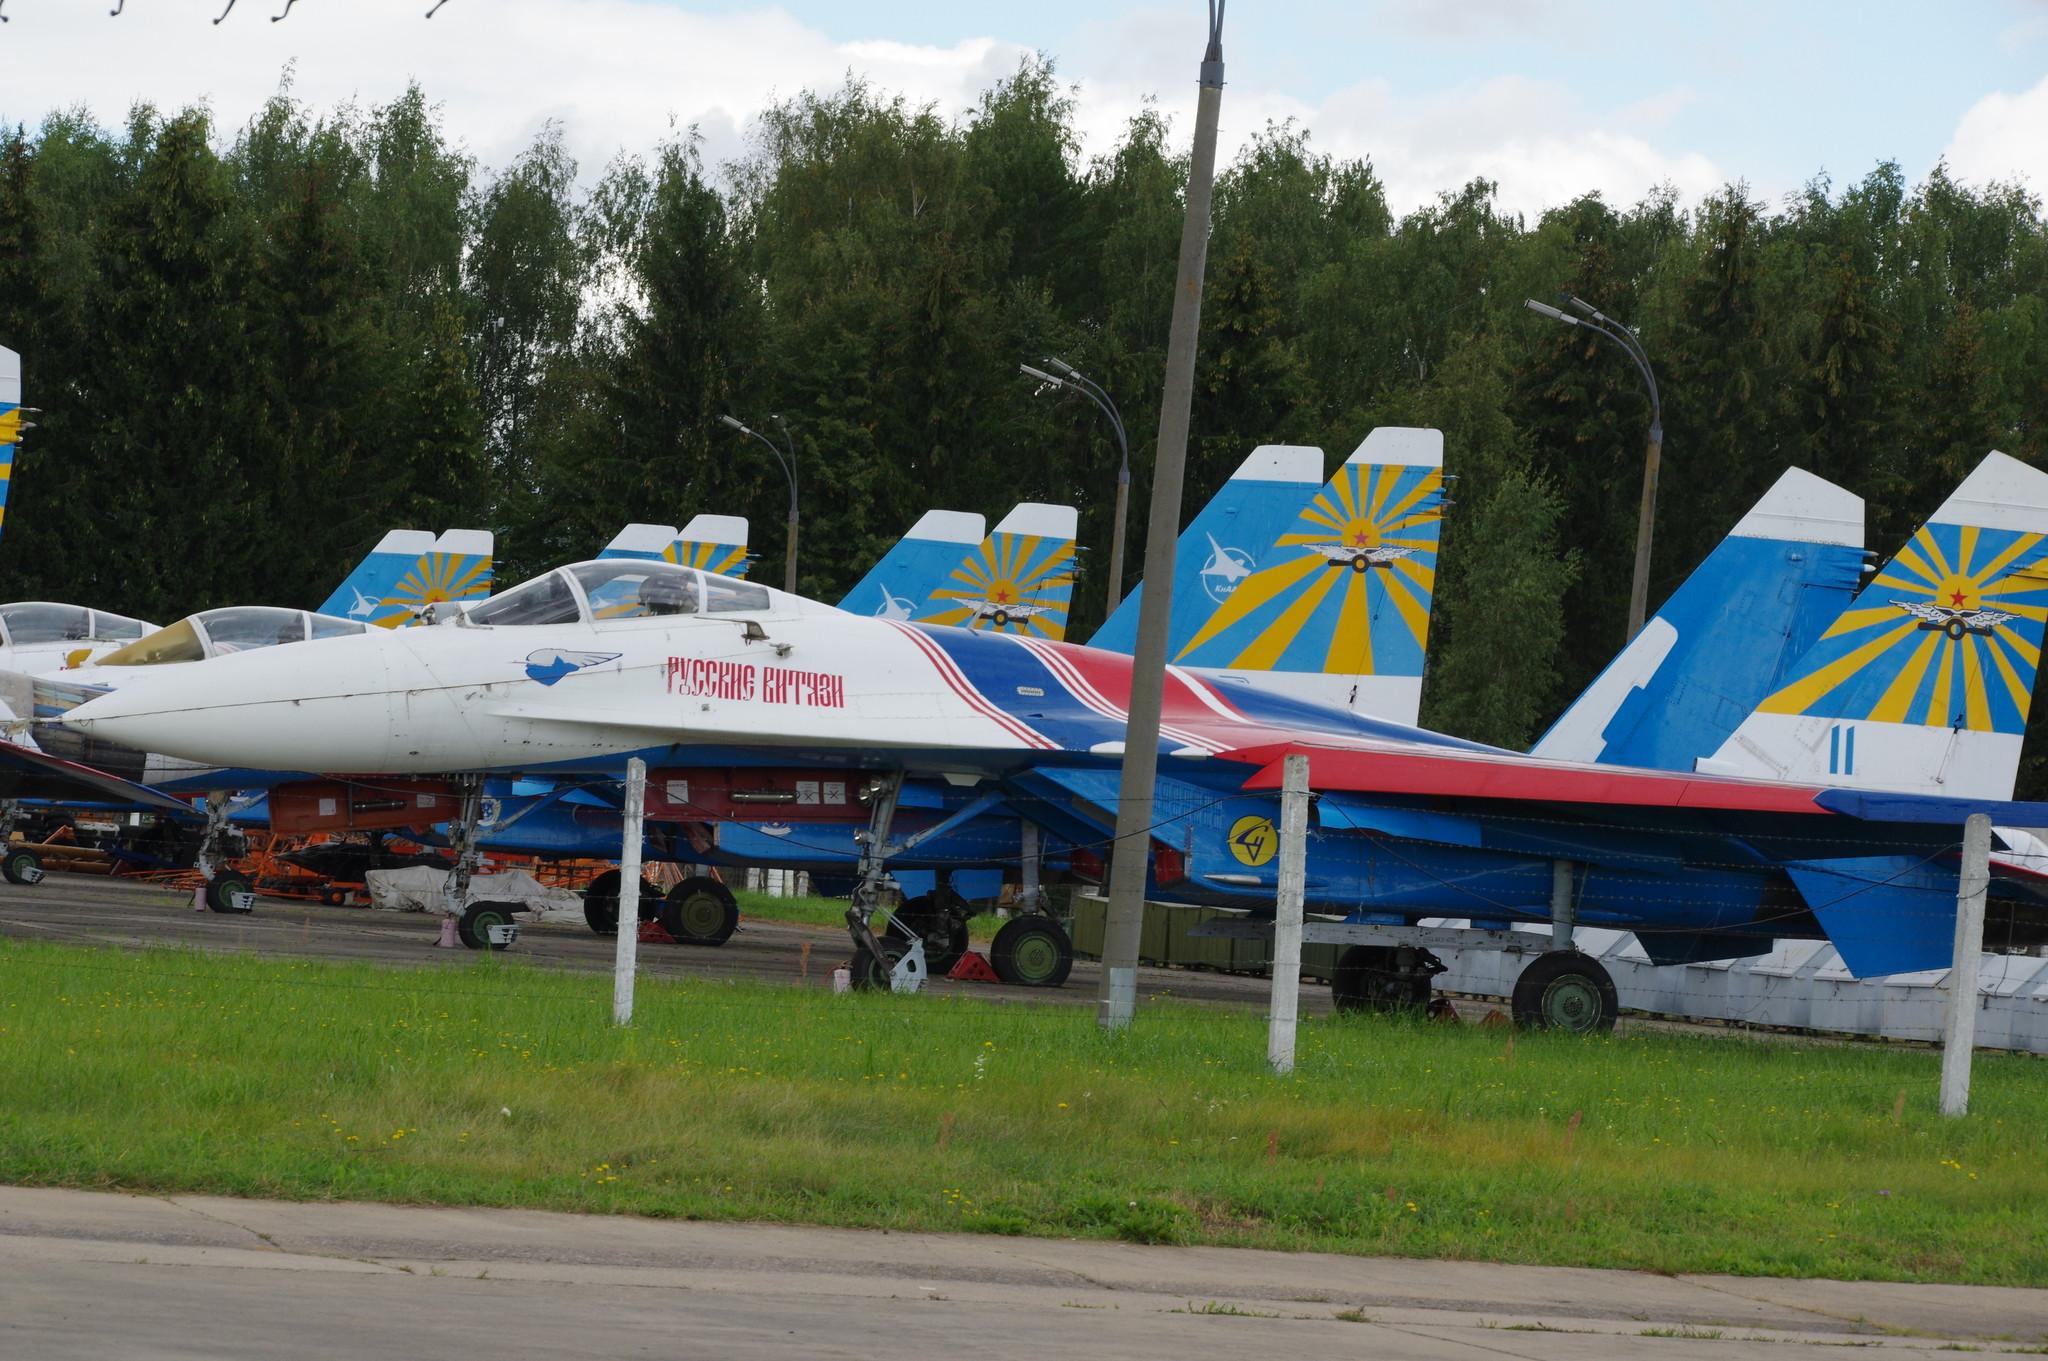 Пилотажная группа «Русские витязи» на аэродроме Кубинка